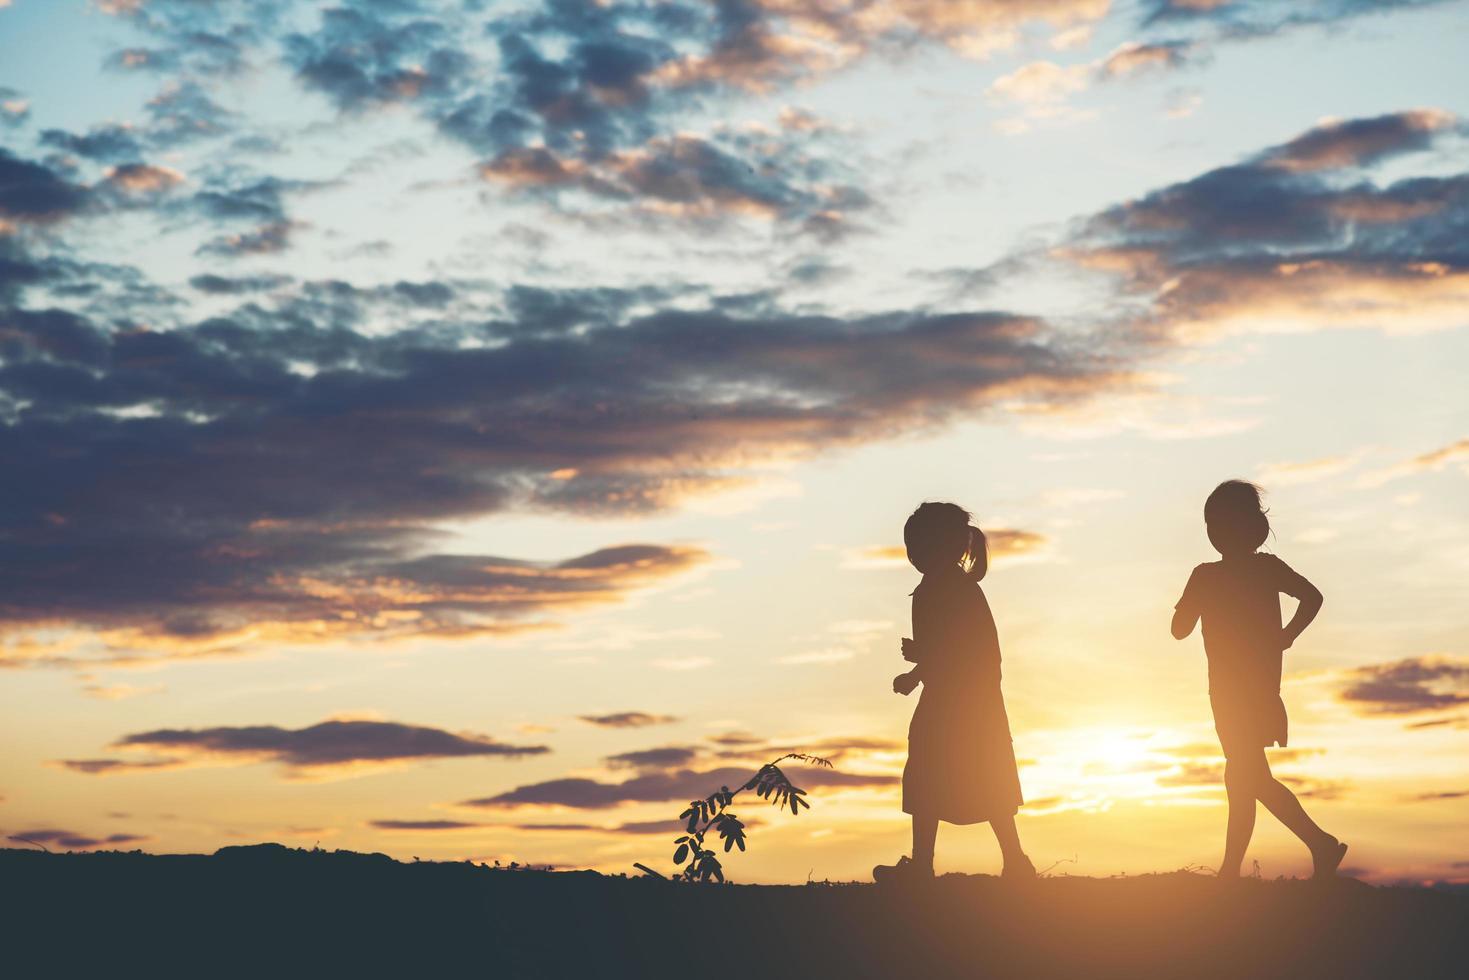 solnedgång silhuett av barn som leker foto